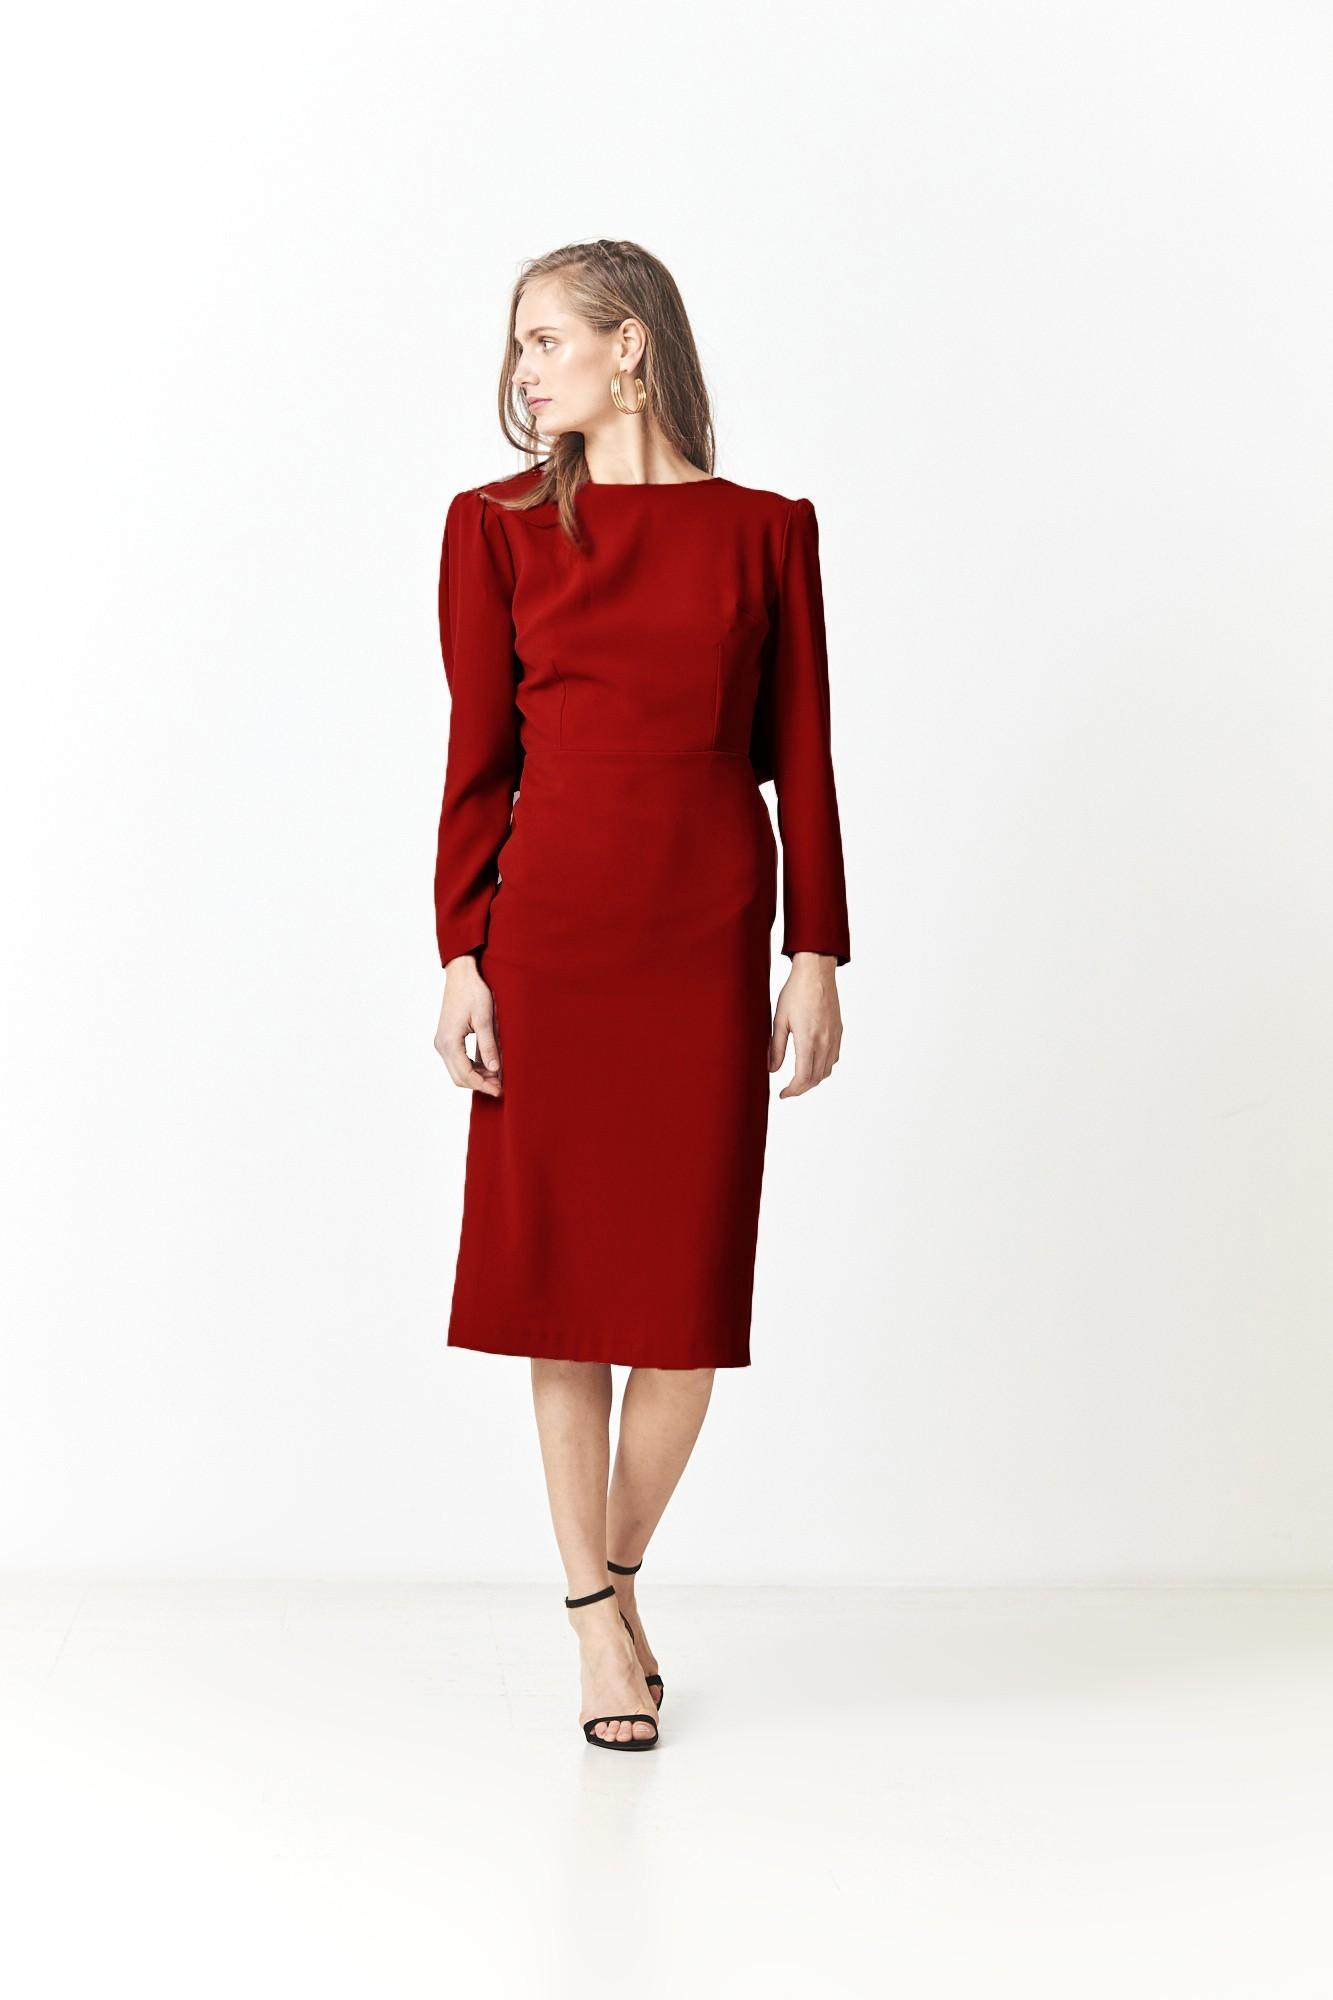 NEBOA RED DRESS